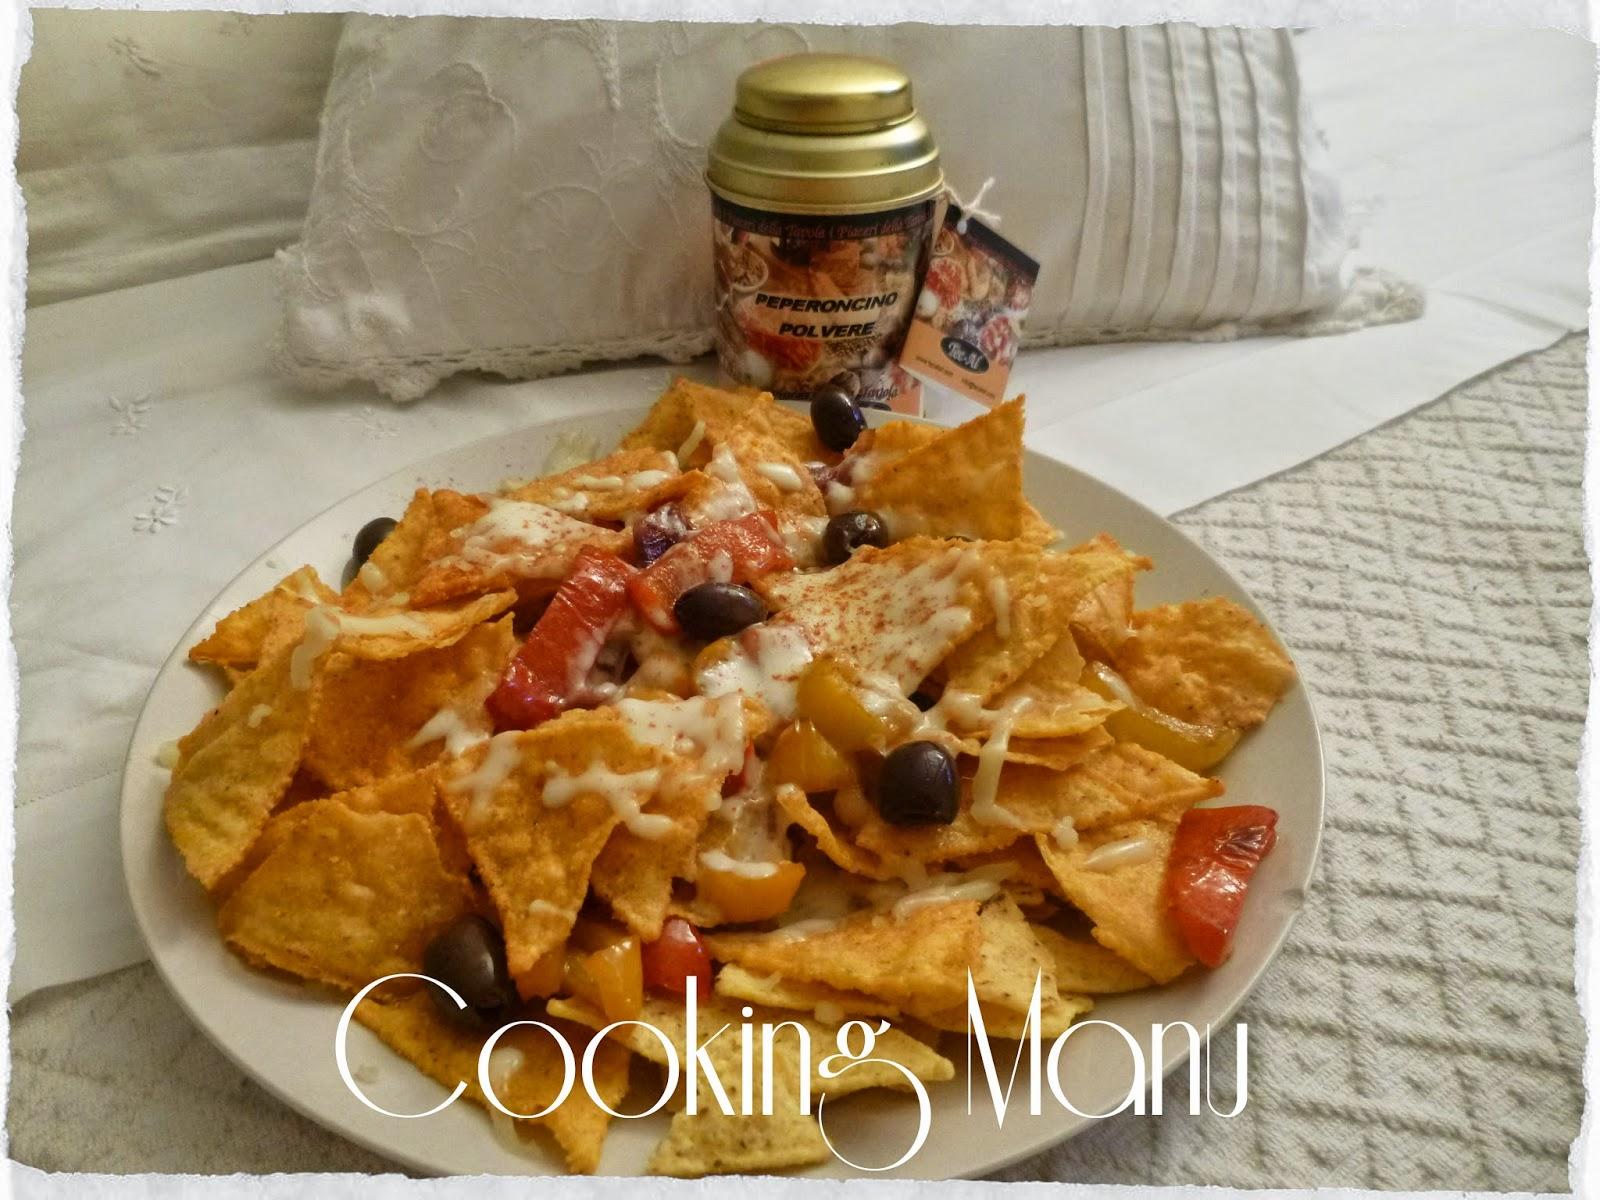 nachos al peperoncino (chilli nachos)